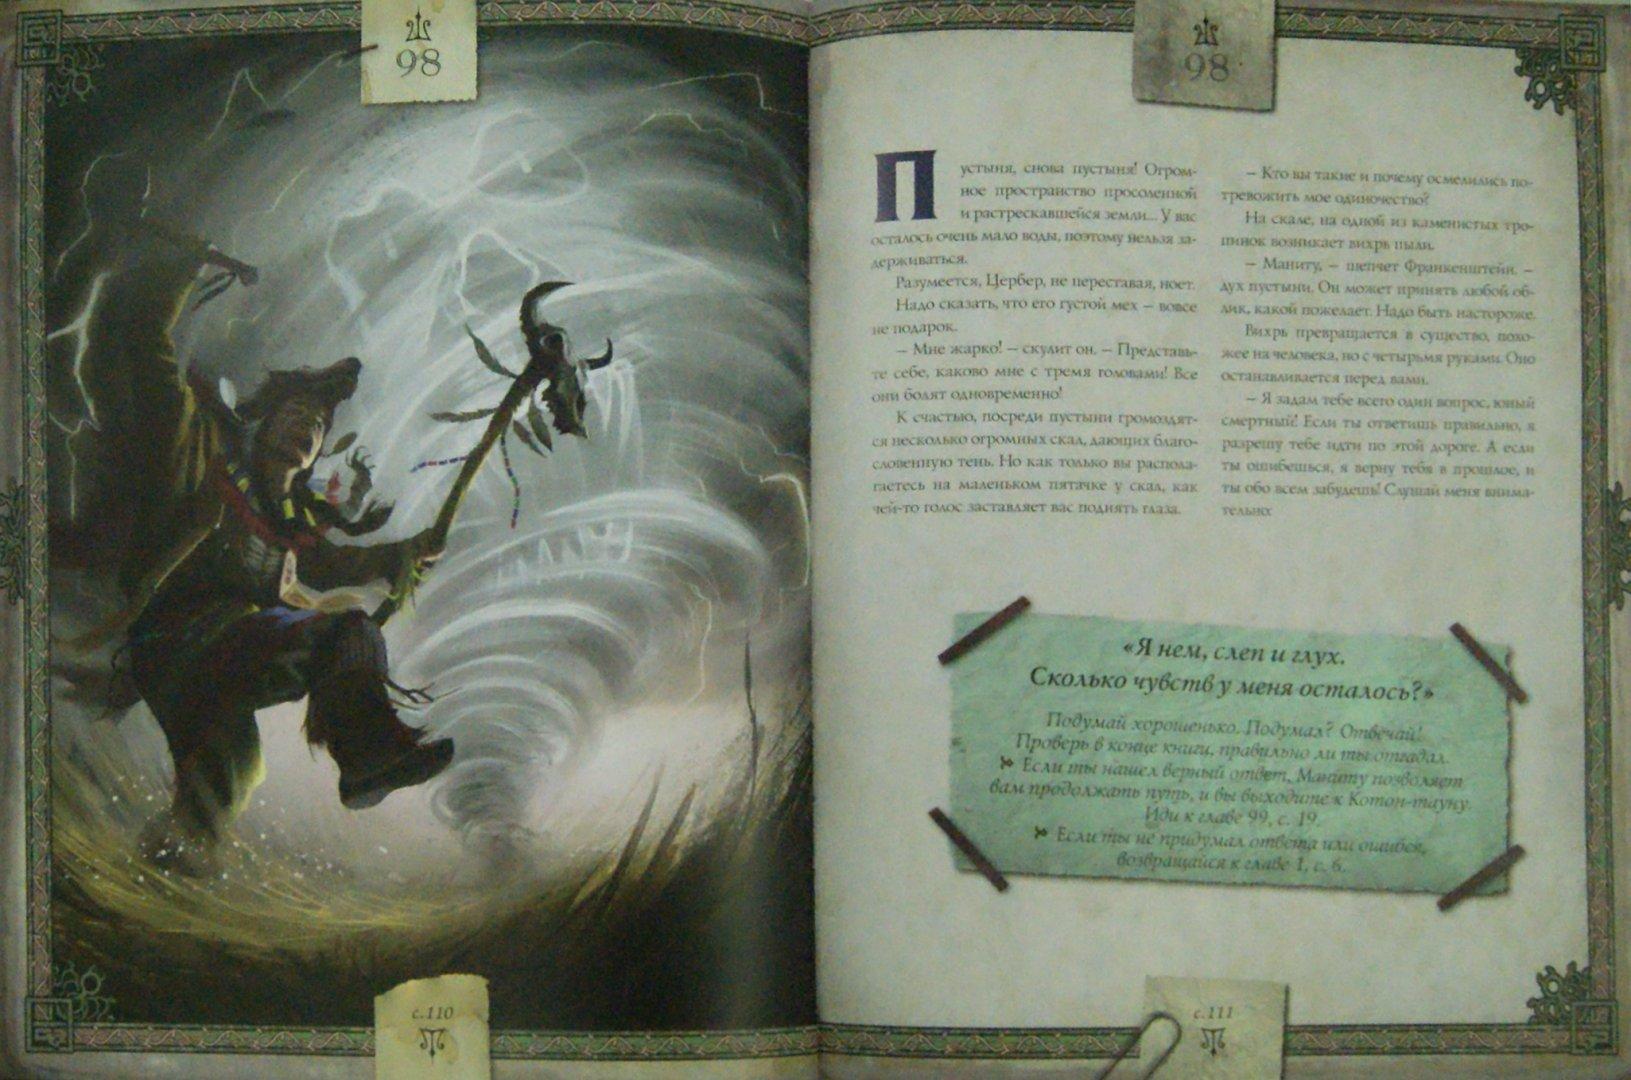 Иллюстрация 1 из 25 для Злодееведение. Чудовища таинственные и опасные - Колен, Руо   Лабиринт - книги. Источник: Лабиринт